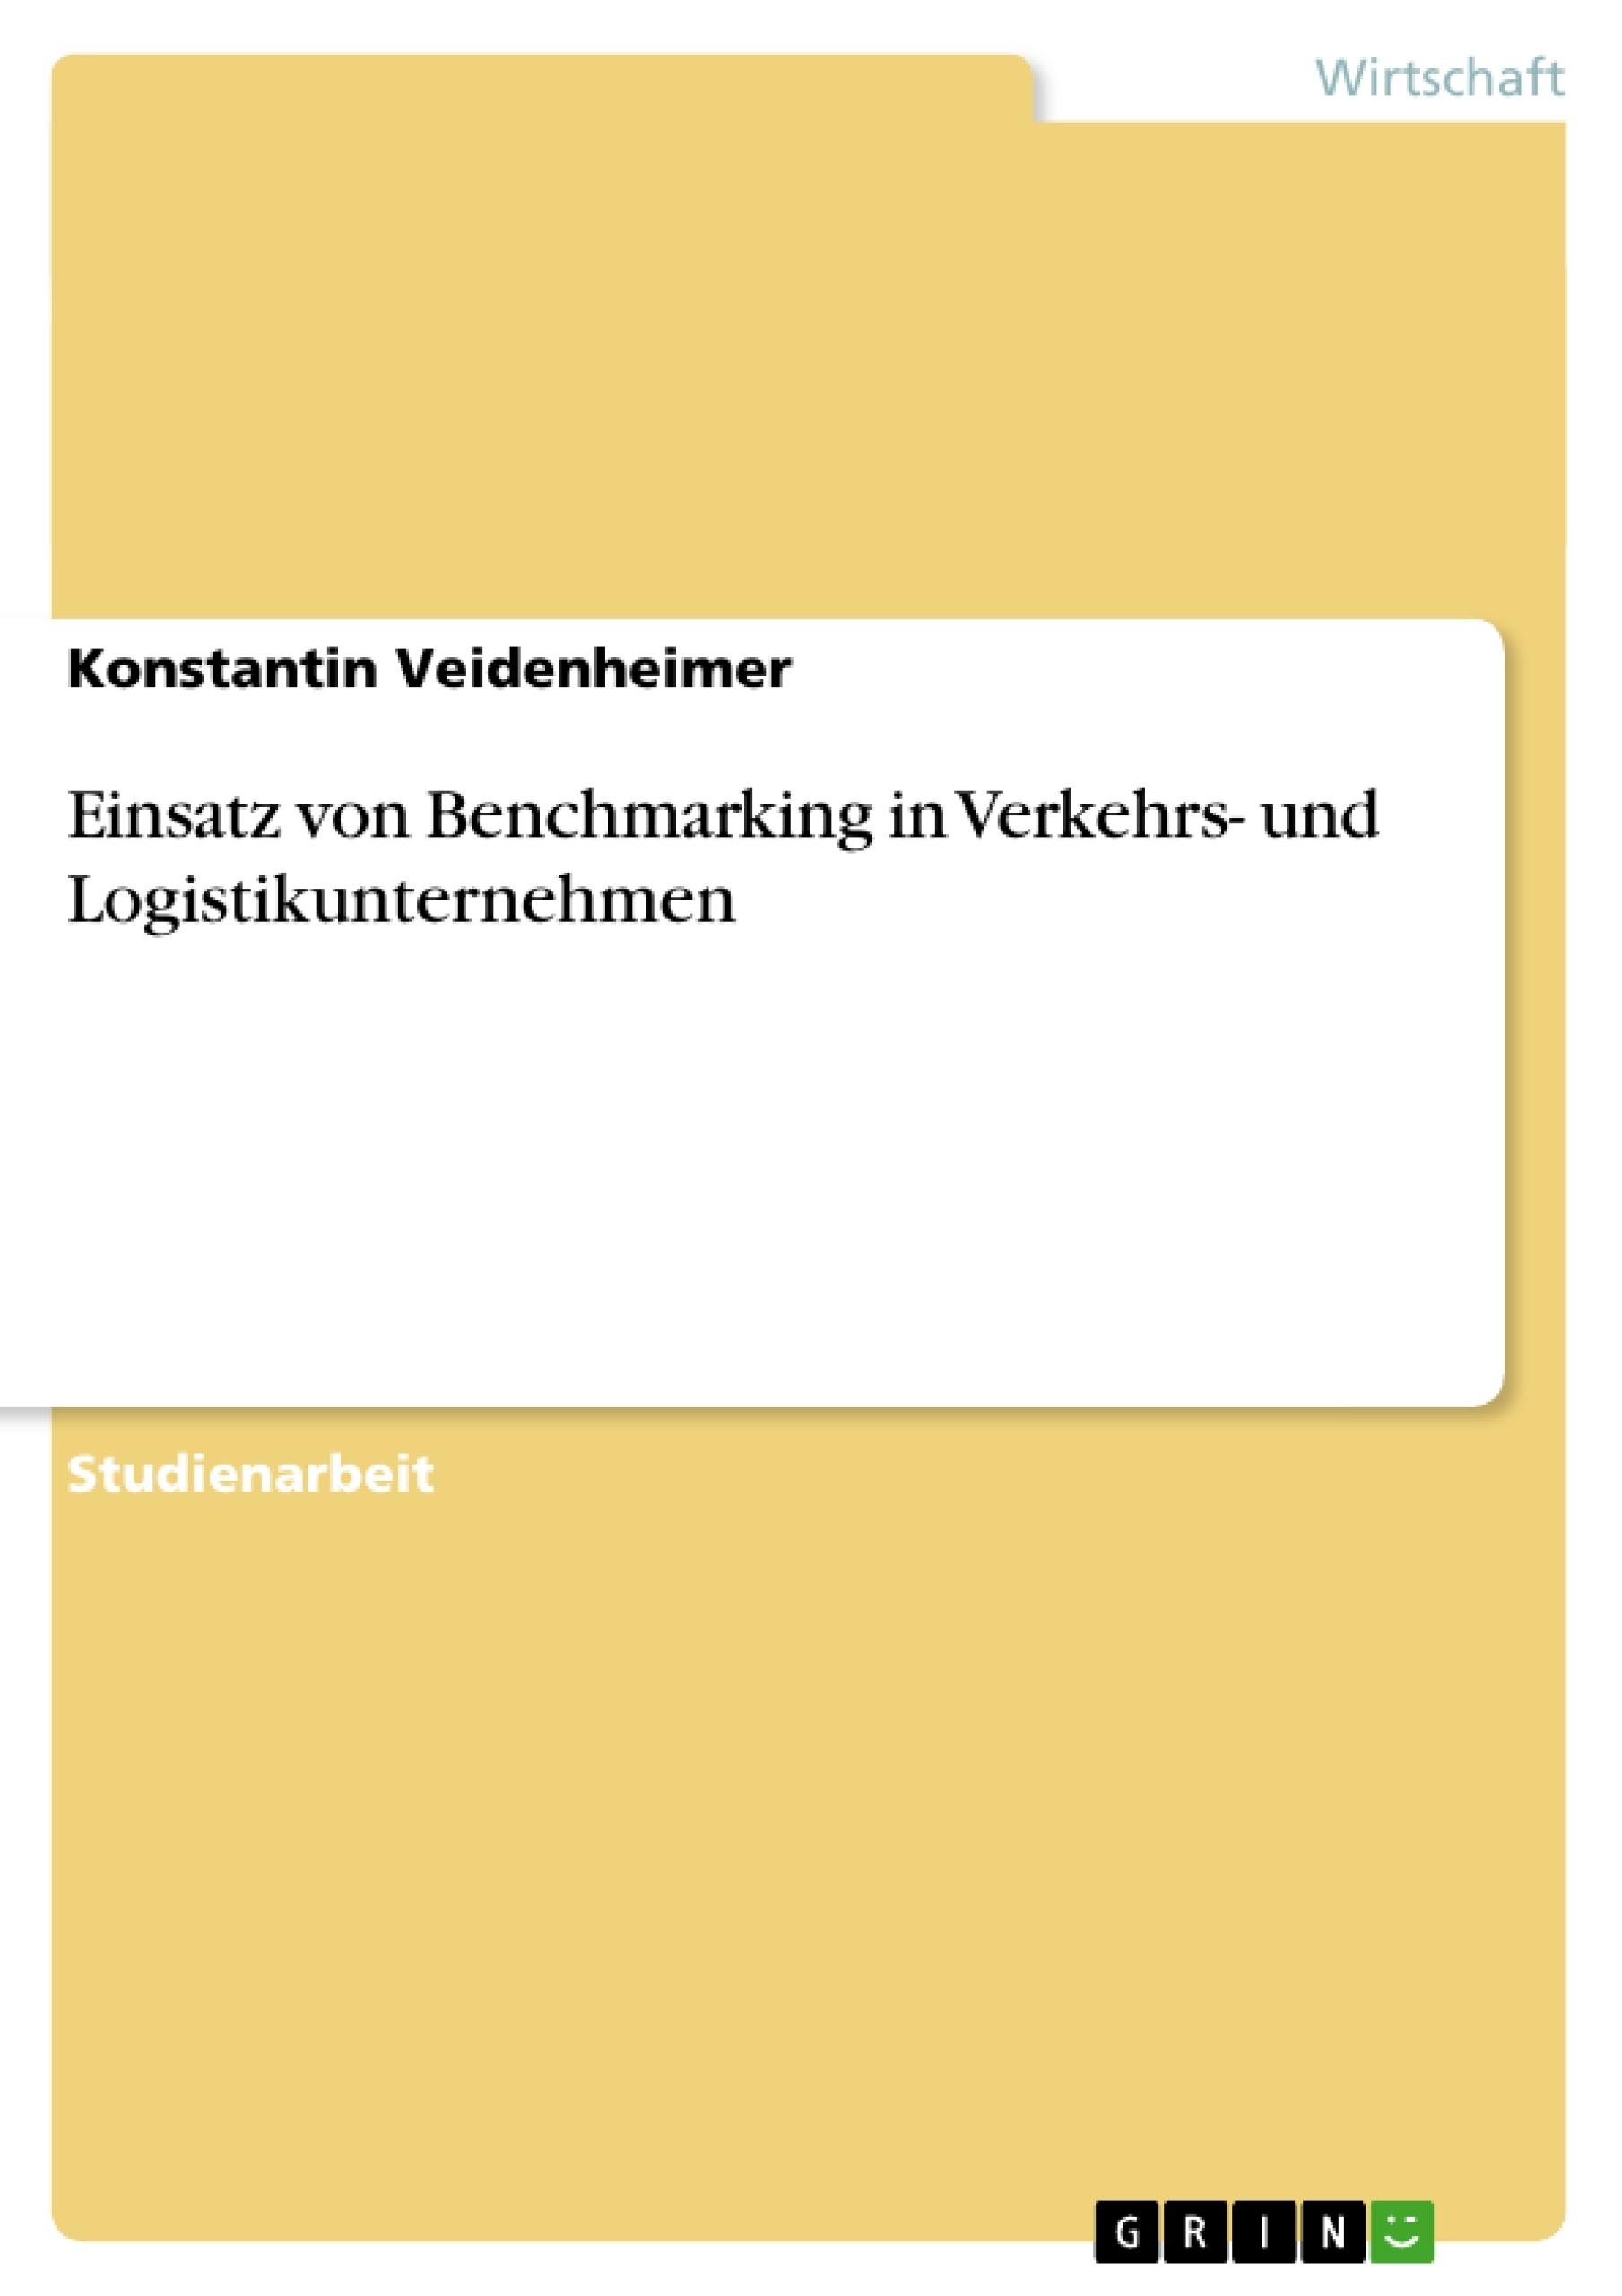 Titel: Einsatz von Benchmarking in Verkehrs- und Logistikunternehmen